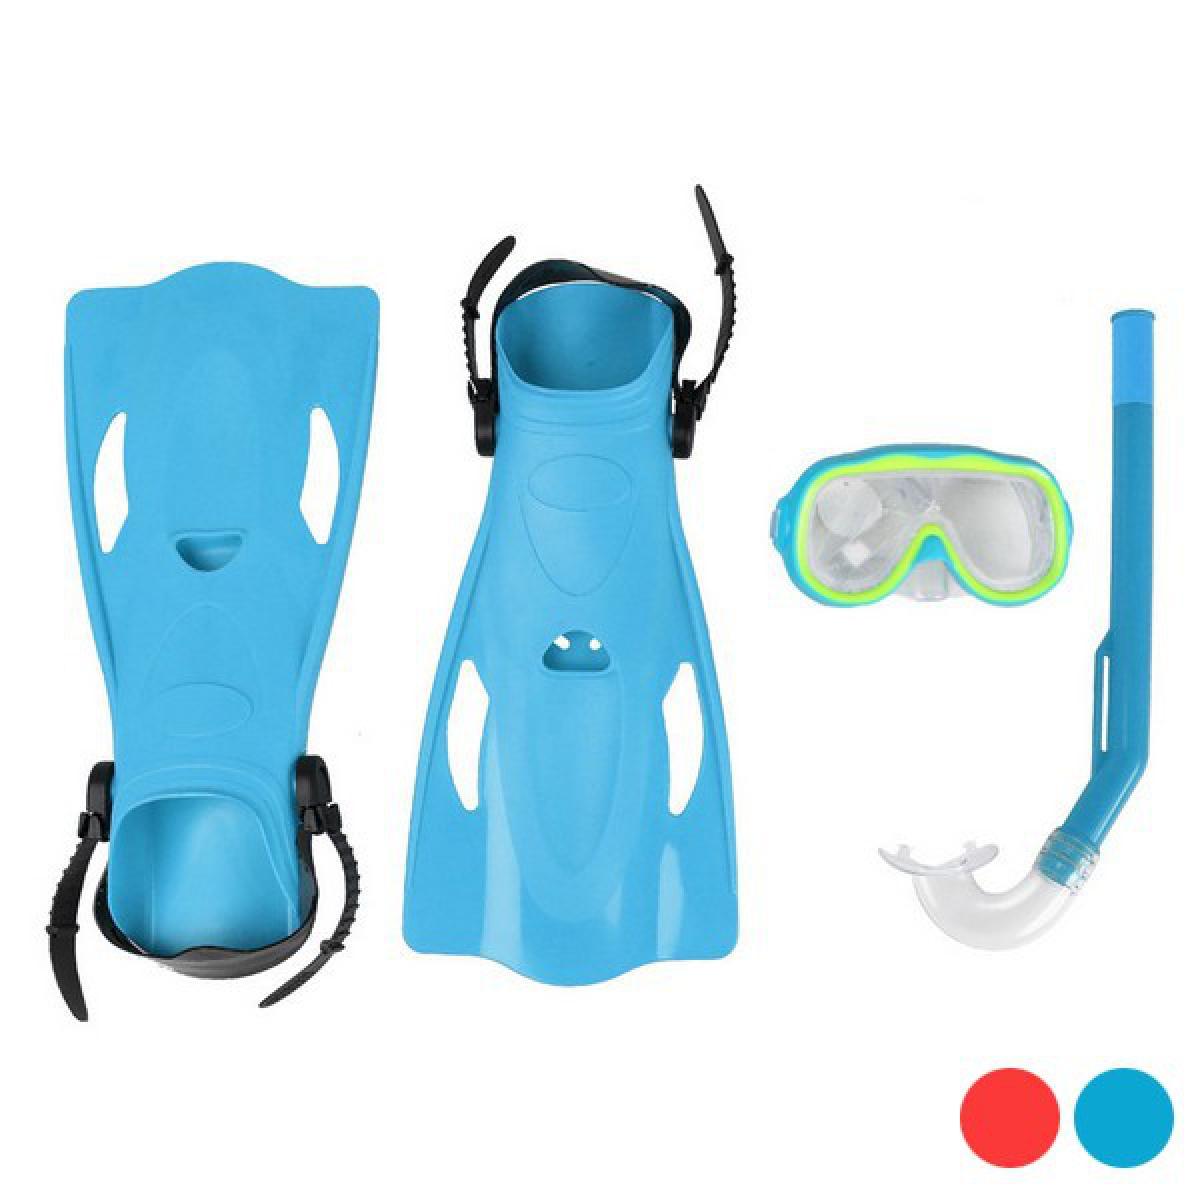 Totalcadeau Accessoires de Plongée pour enfant - Palmes, masque et tuba pour met et piscine Pas cher